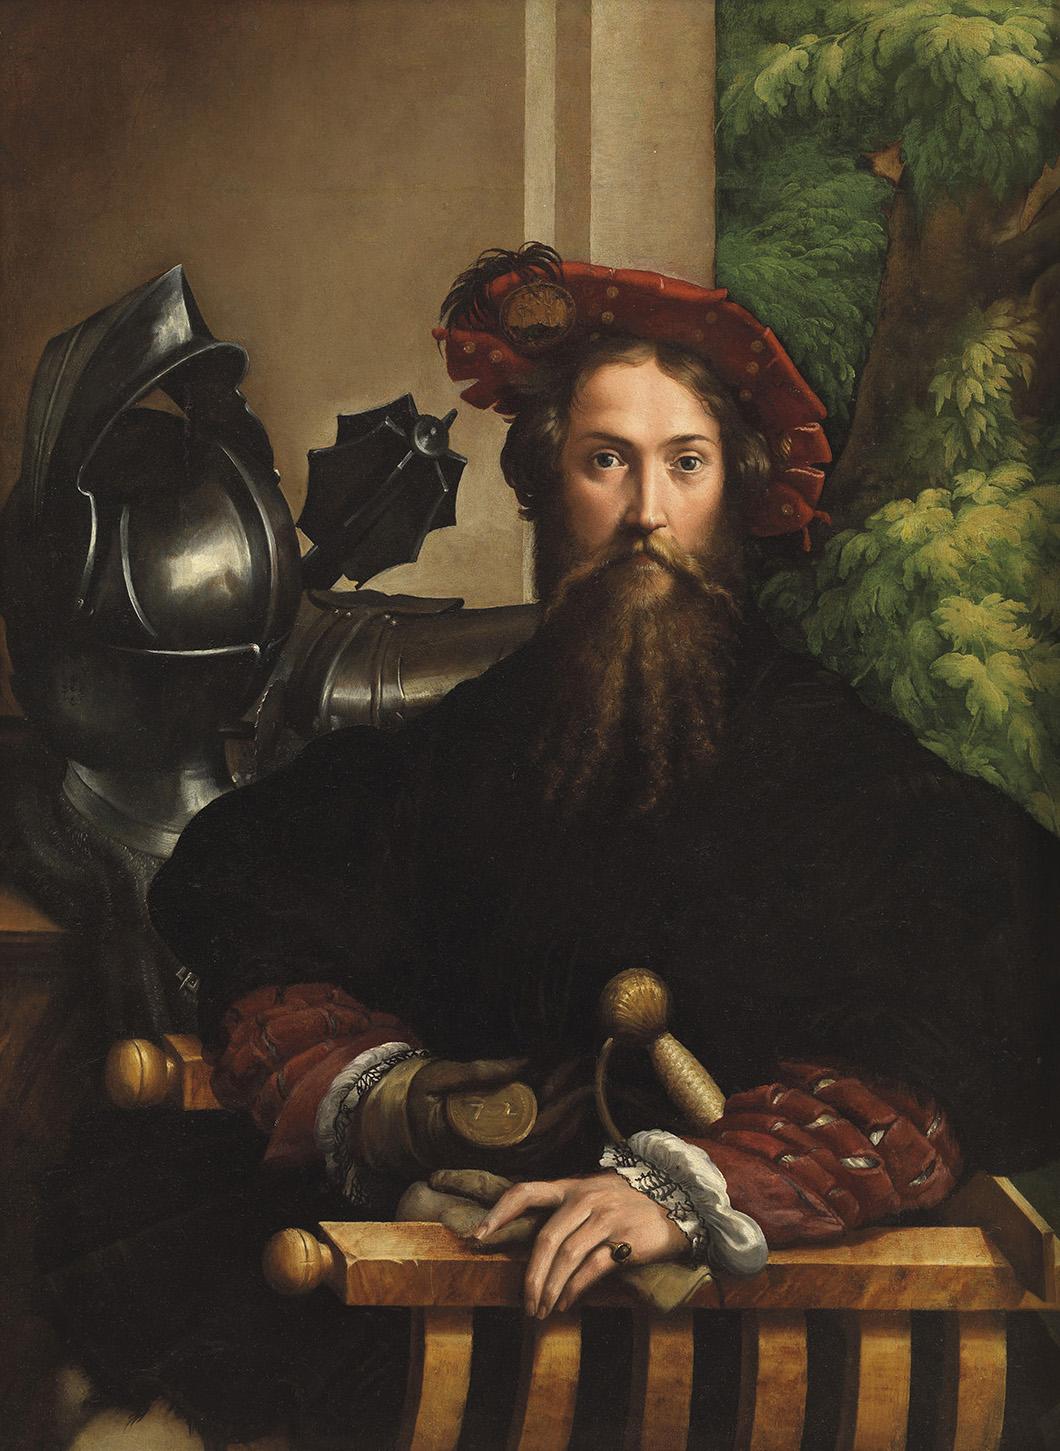 Parmigianino (1503-1540), Portrait of Galeazzo Sanvitale, oil on canvas, 1524, Museo e Real Bosco di Capodimonte.© Luciano Romano